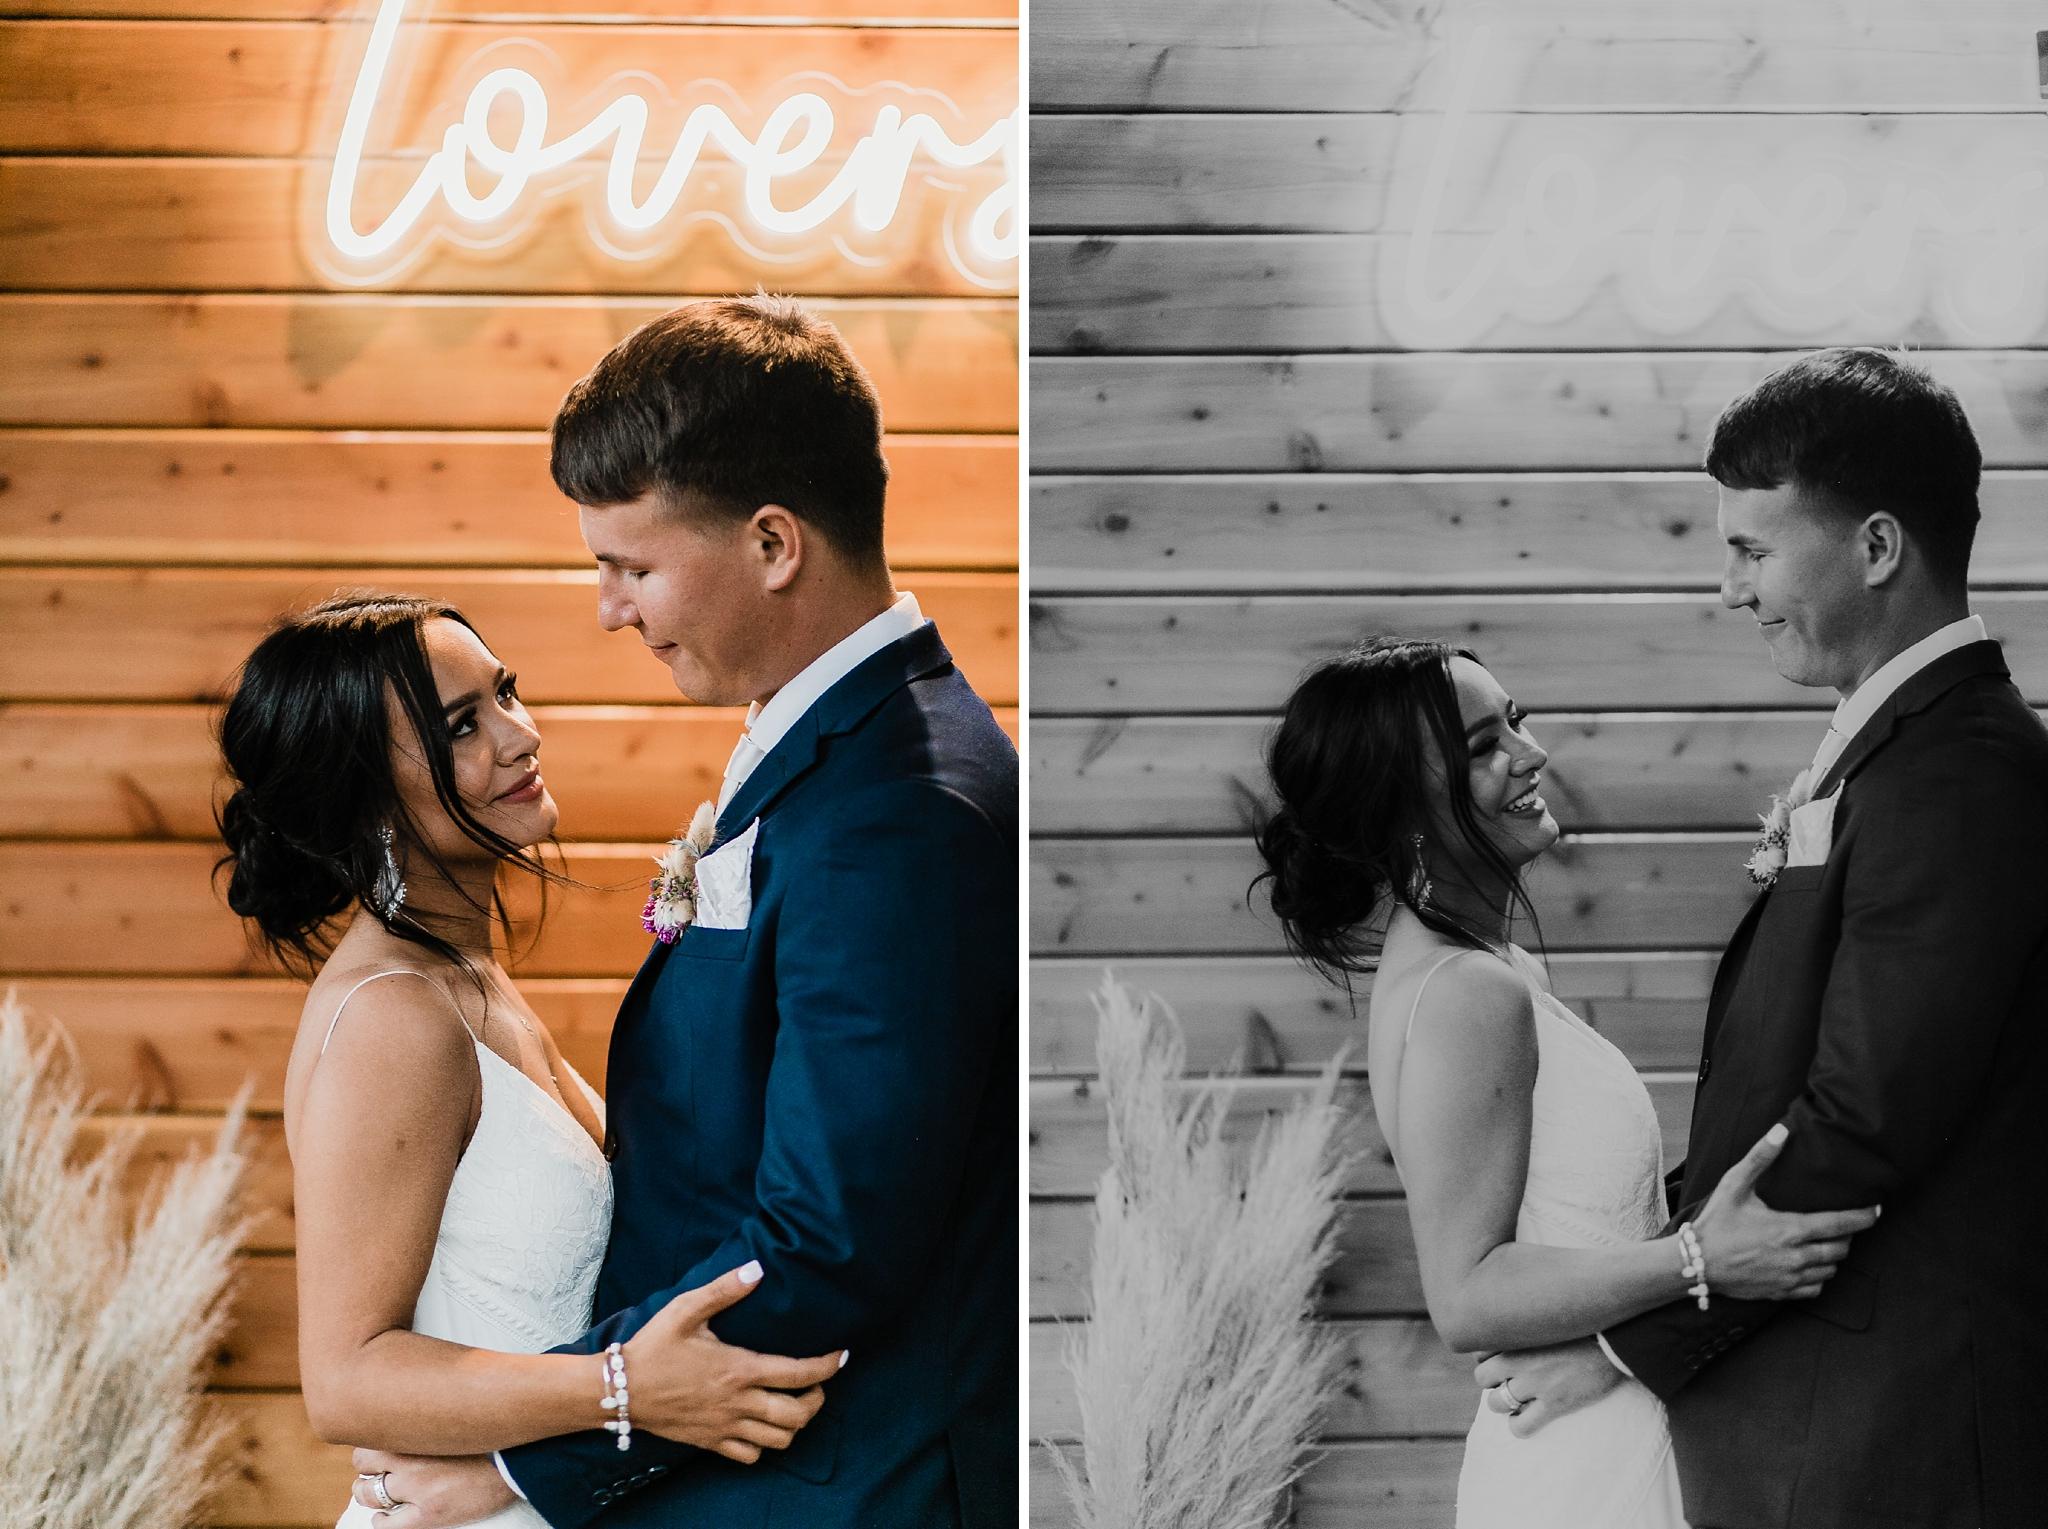 Alicia+lucia+photography+-+albuquerque+wedding+photographer+-+santa+fe+wedding+photography+-+new+mexico+wedding+photographer+-+new+mexico+wedding+-+new+mexico+wedding+-+barn+wedding+-+enchanted+vine+barn+wedding+-+ruidoso+wedding_0155.jpg